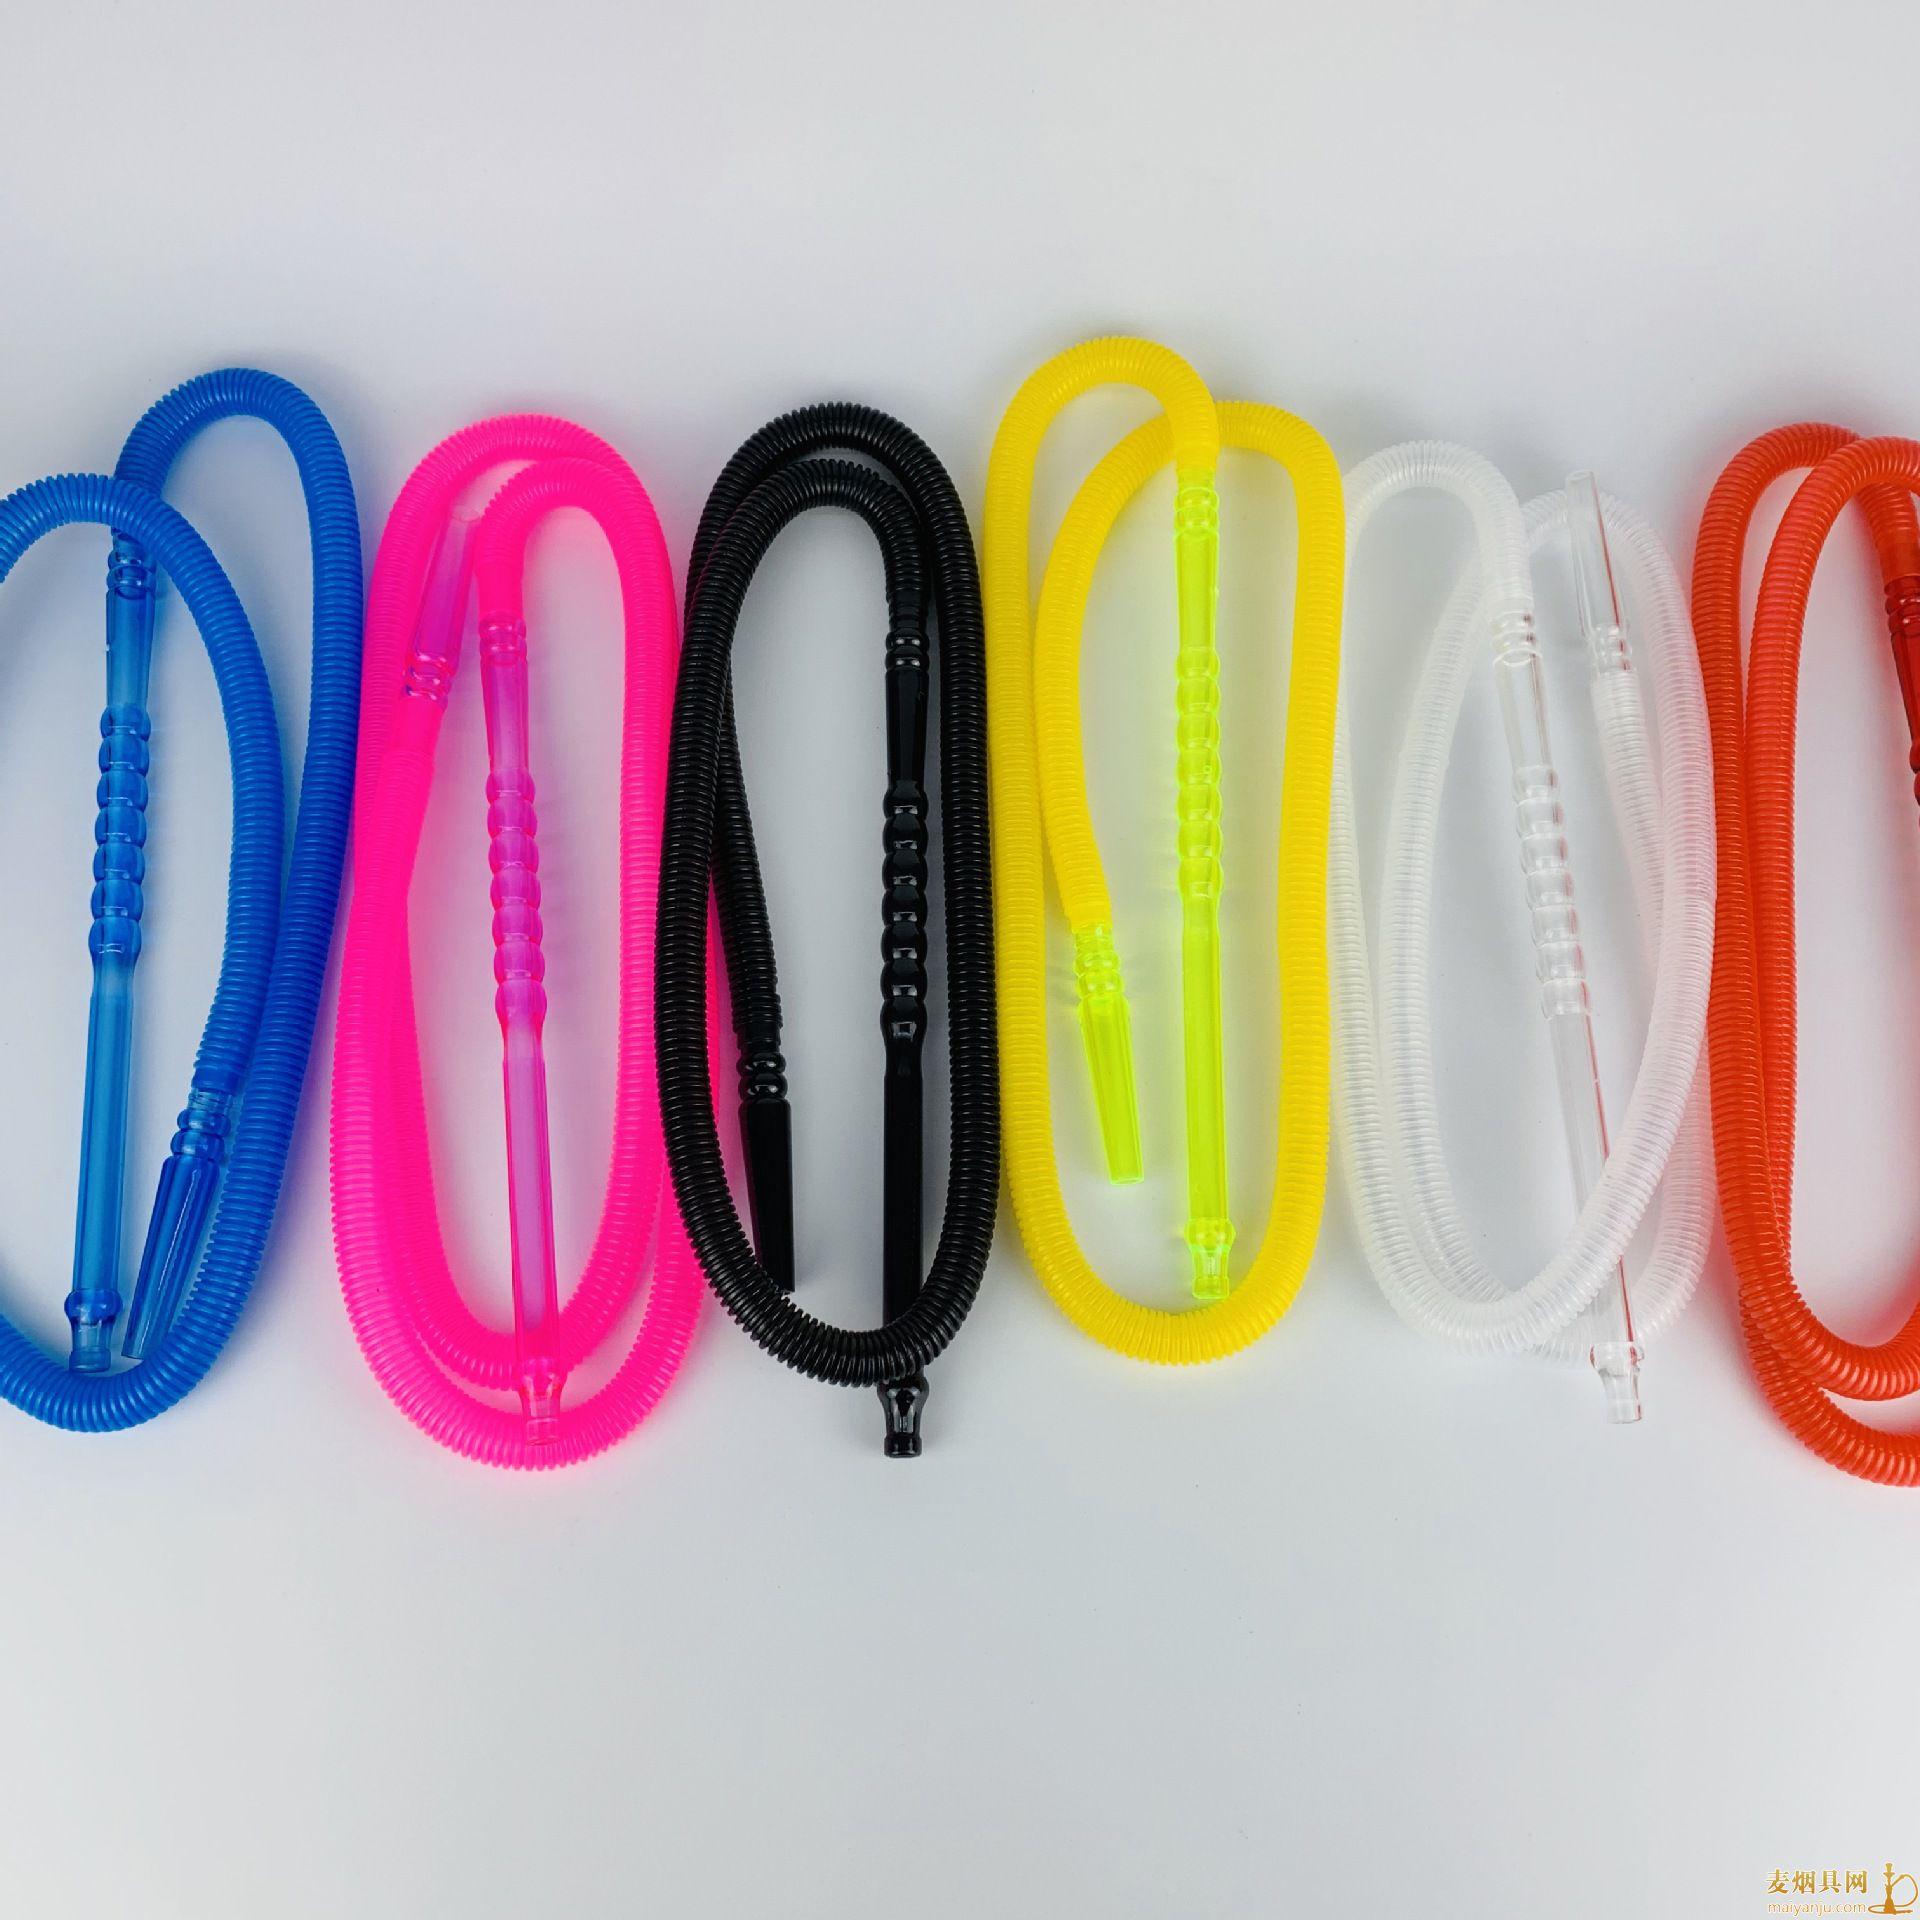 阿拉伯水烟管 一次性塑料水烟管图片价格批发